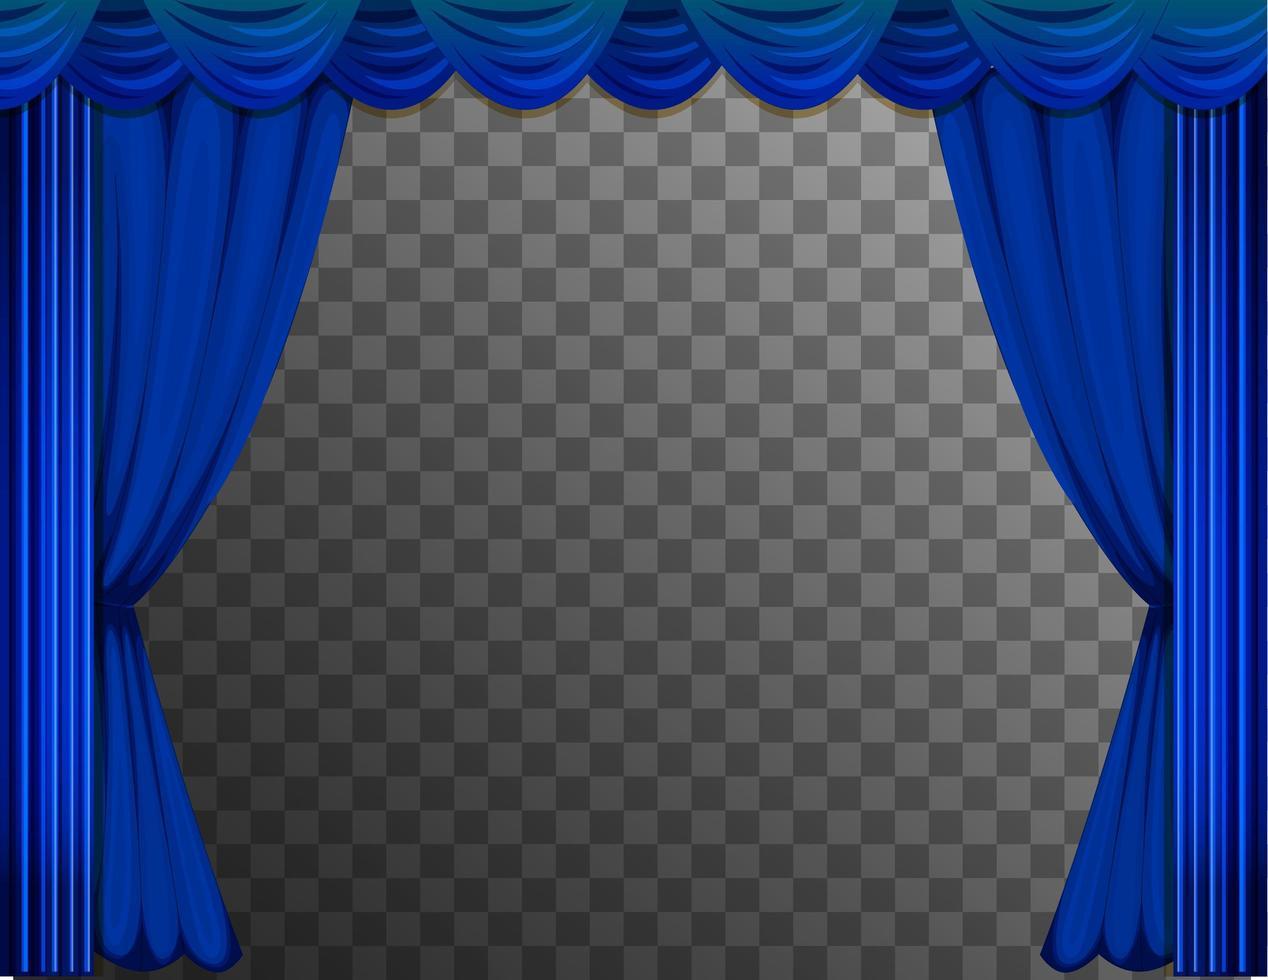 tende blu del teatro vettore